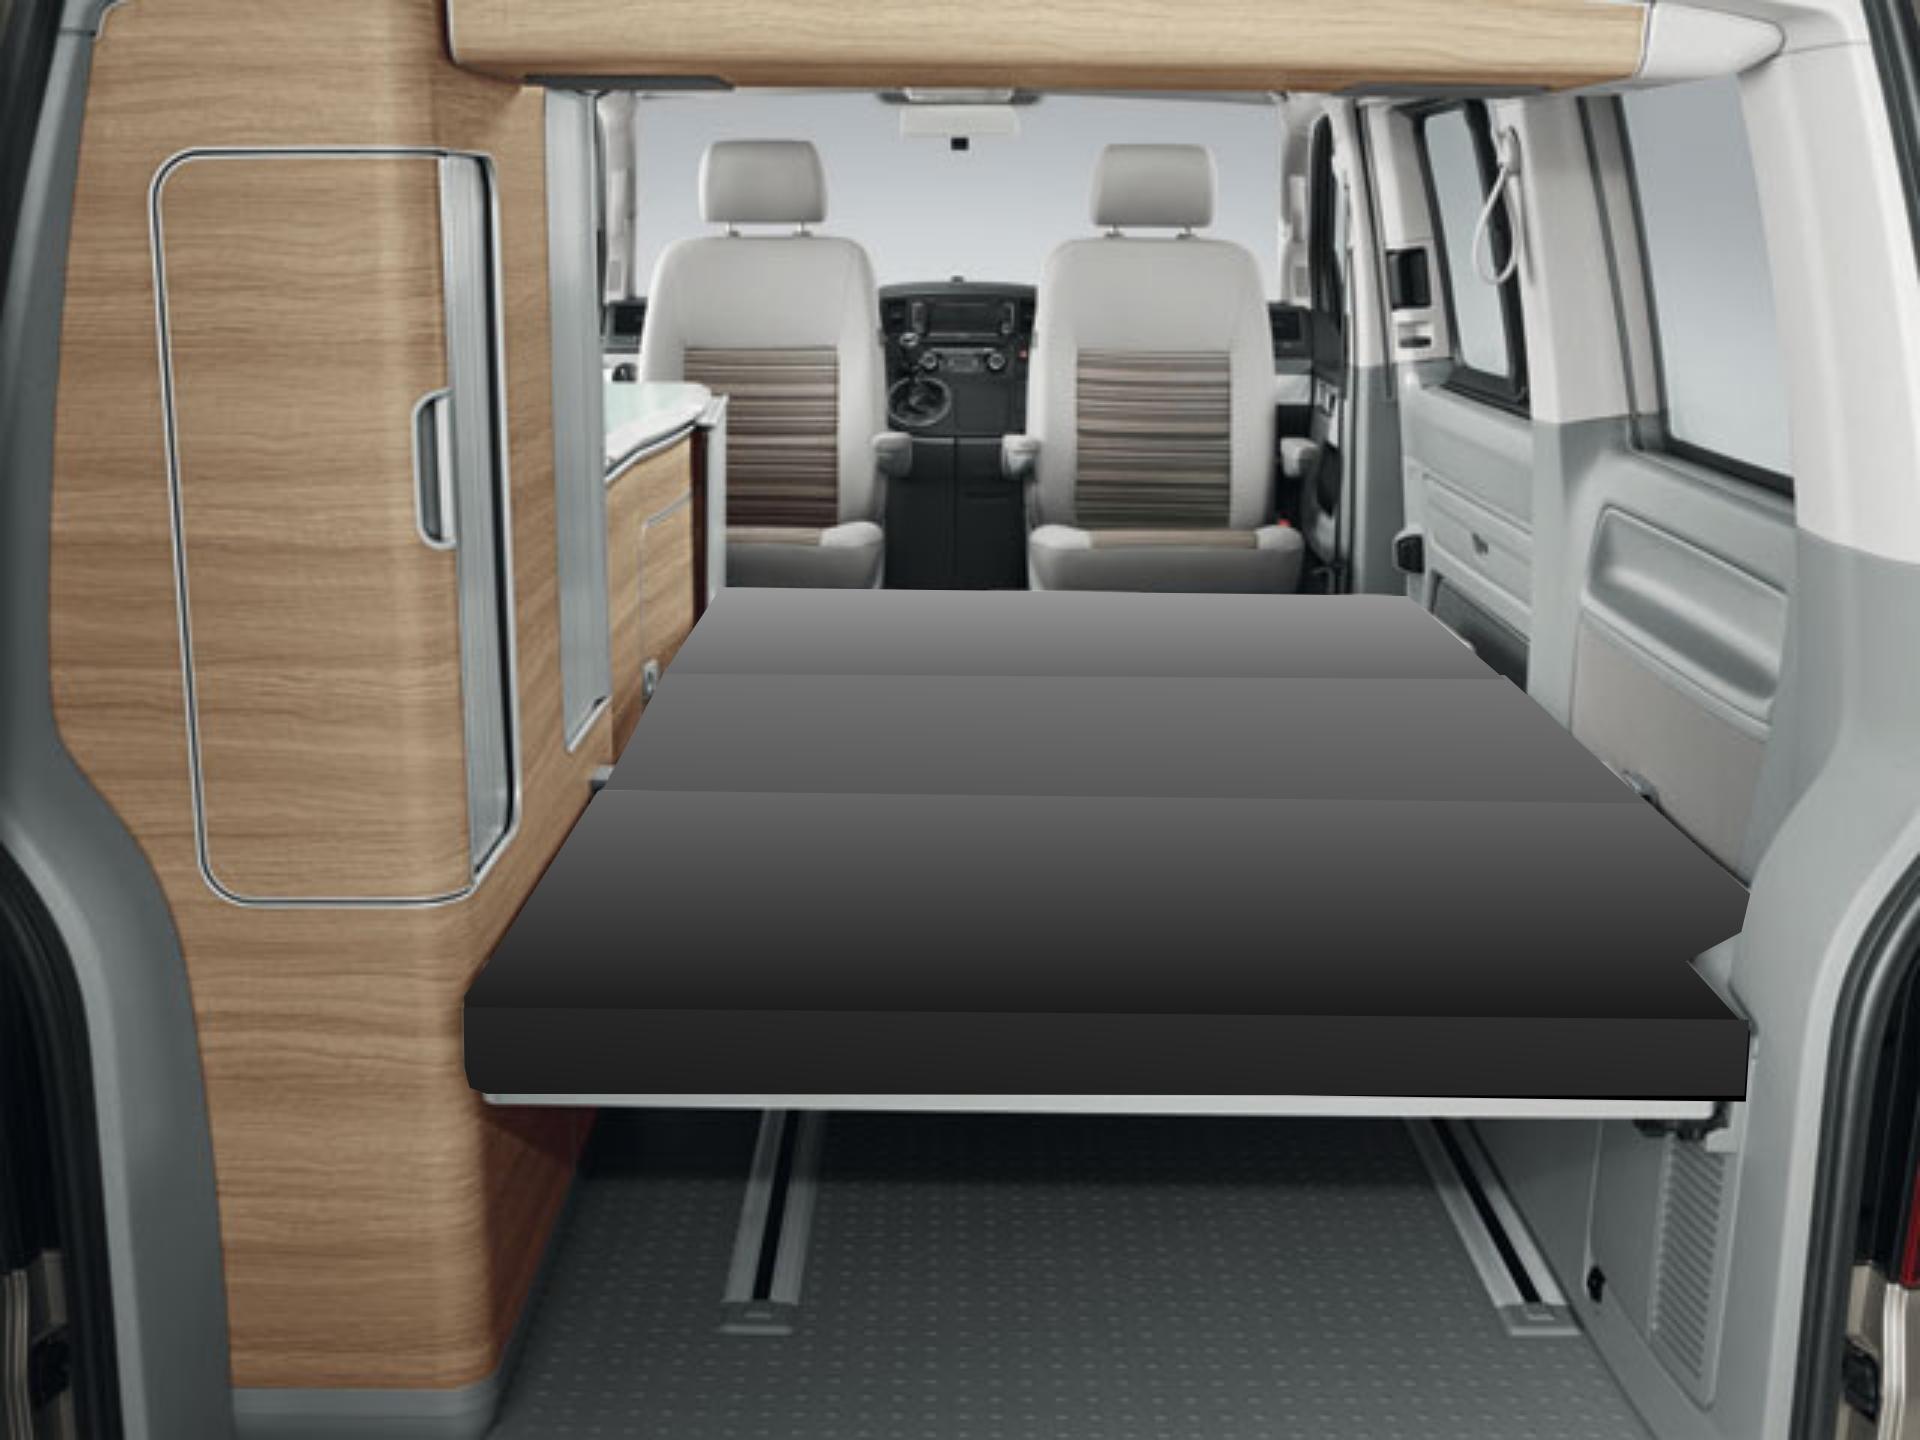 foam matratze vw t5 t6 california mercedes viano marco. Black Bedroom Furniture Sets. Home Design Ideas